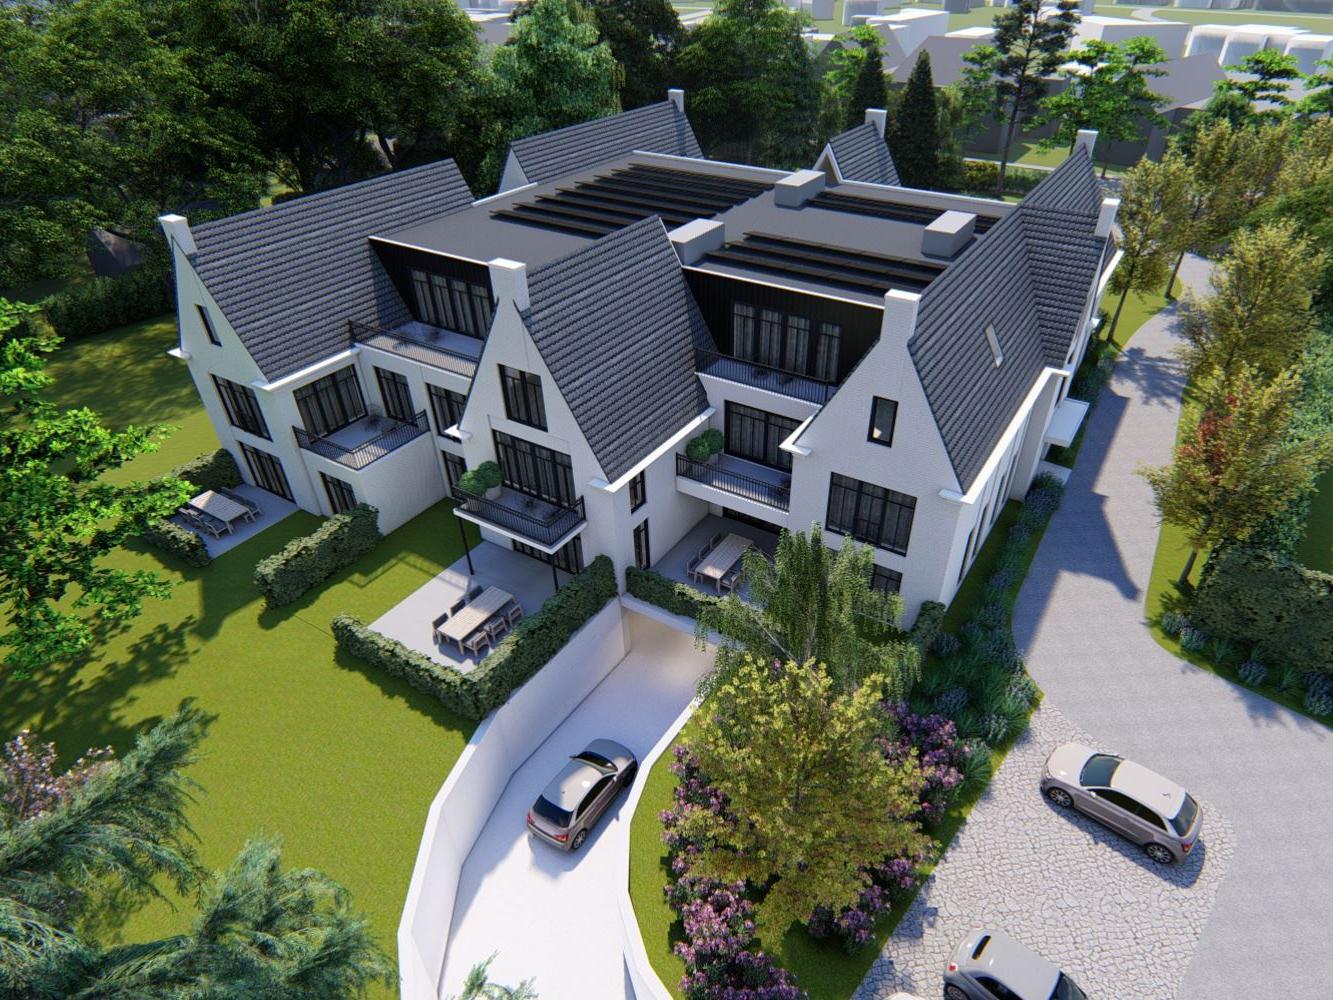 parc-residence-someren-van-bree-bouwbedrijf-van-eck-trappen-en-kozijnen